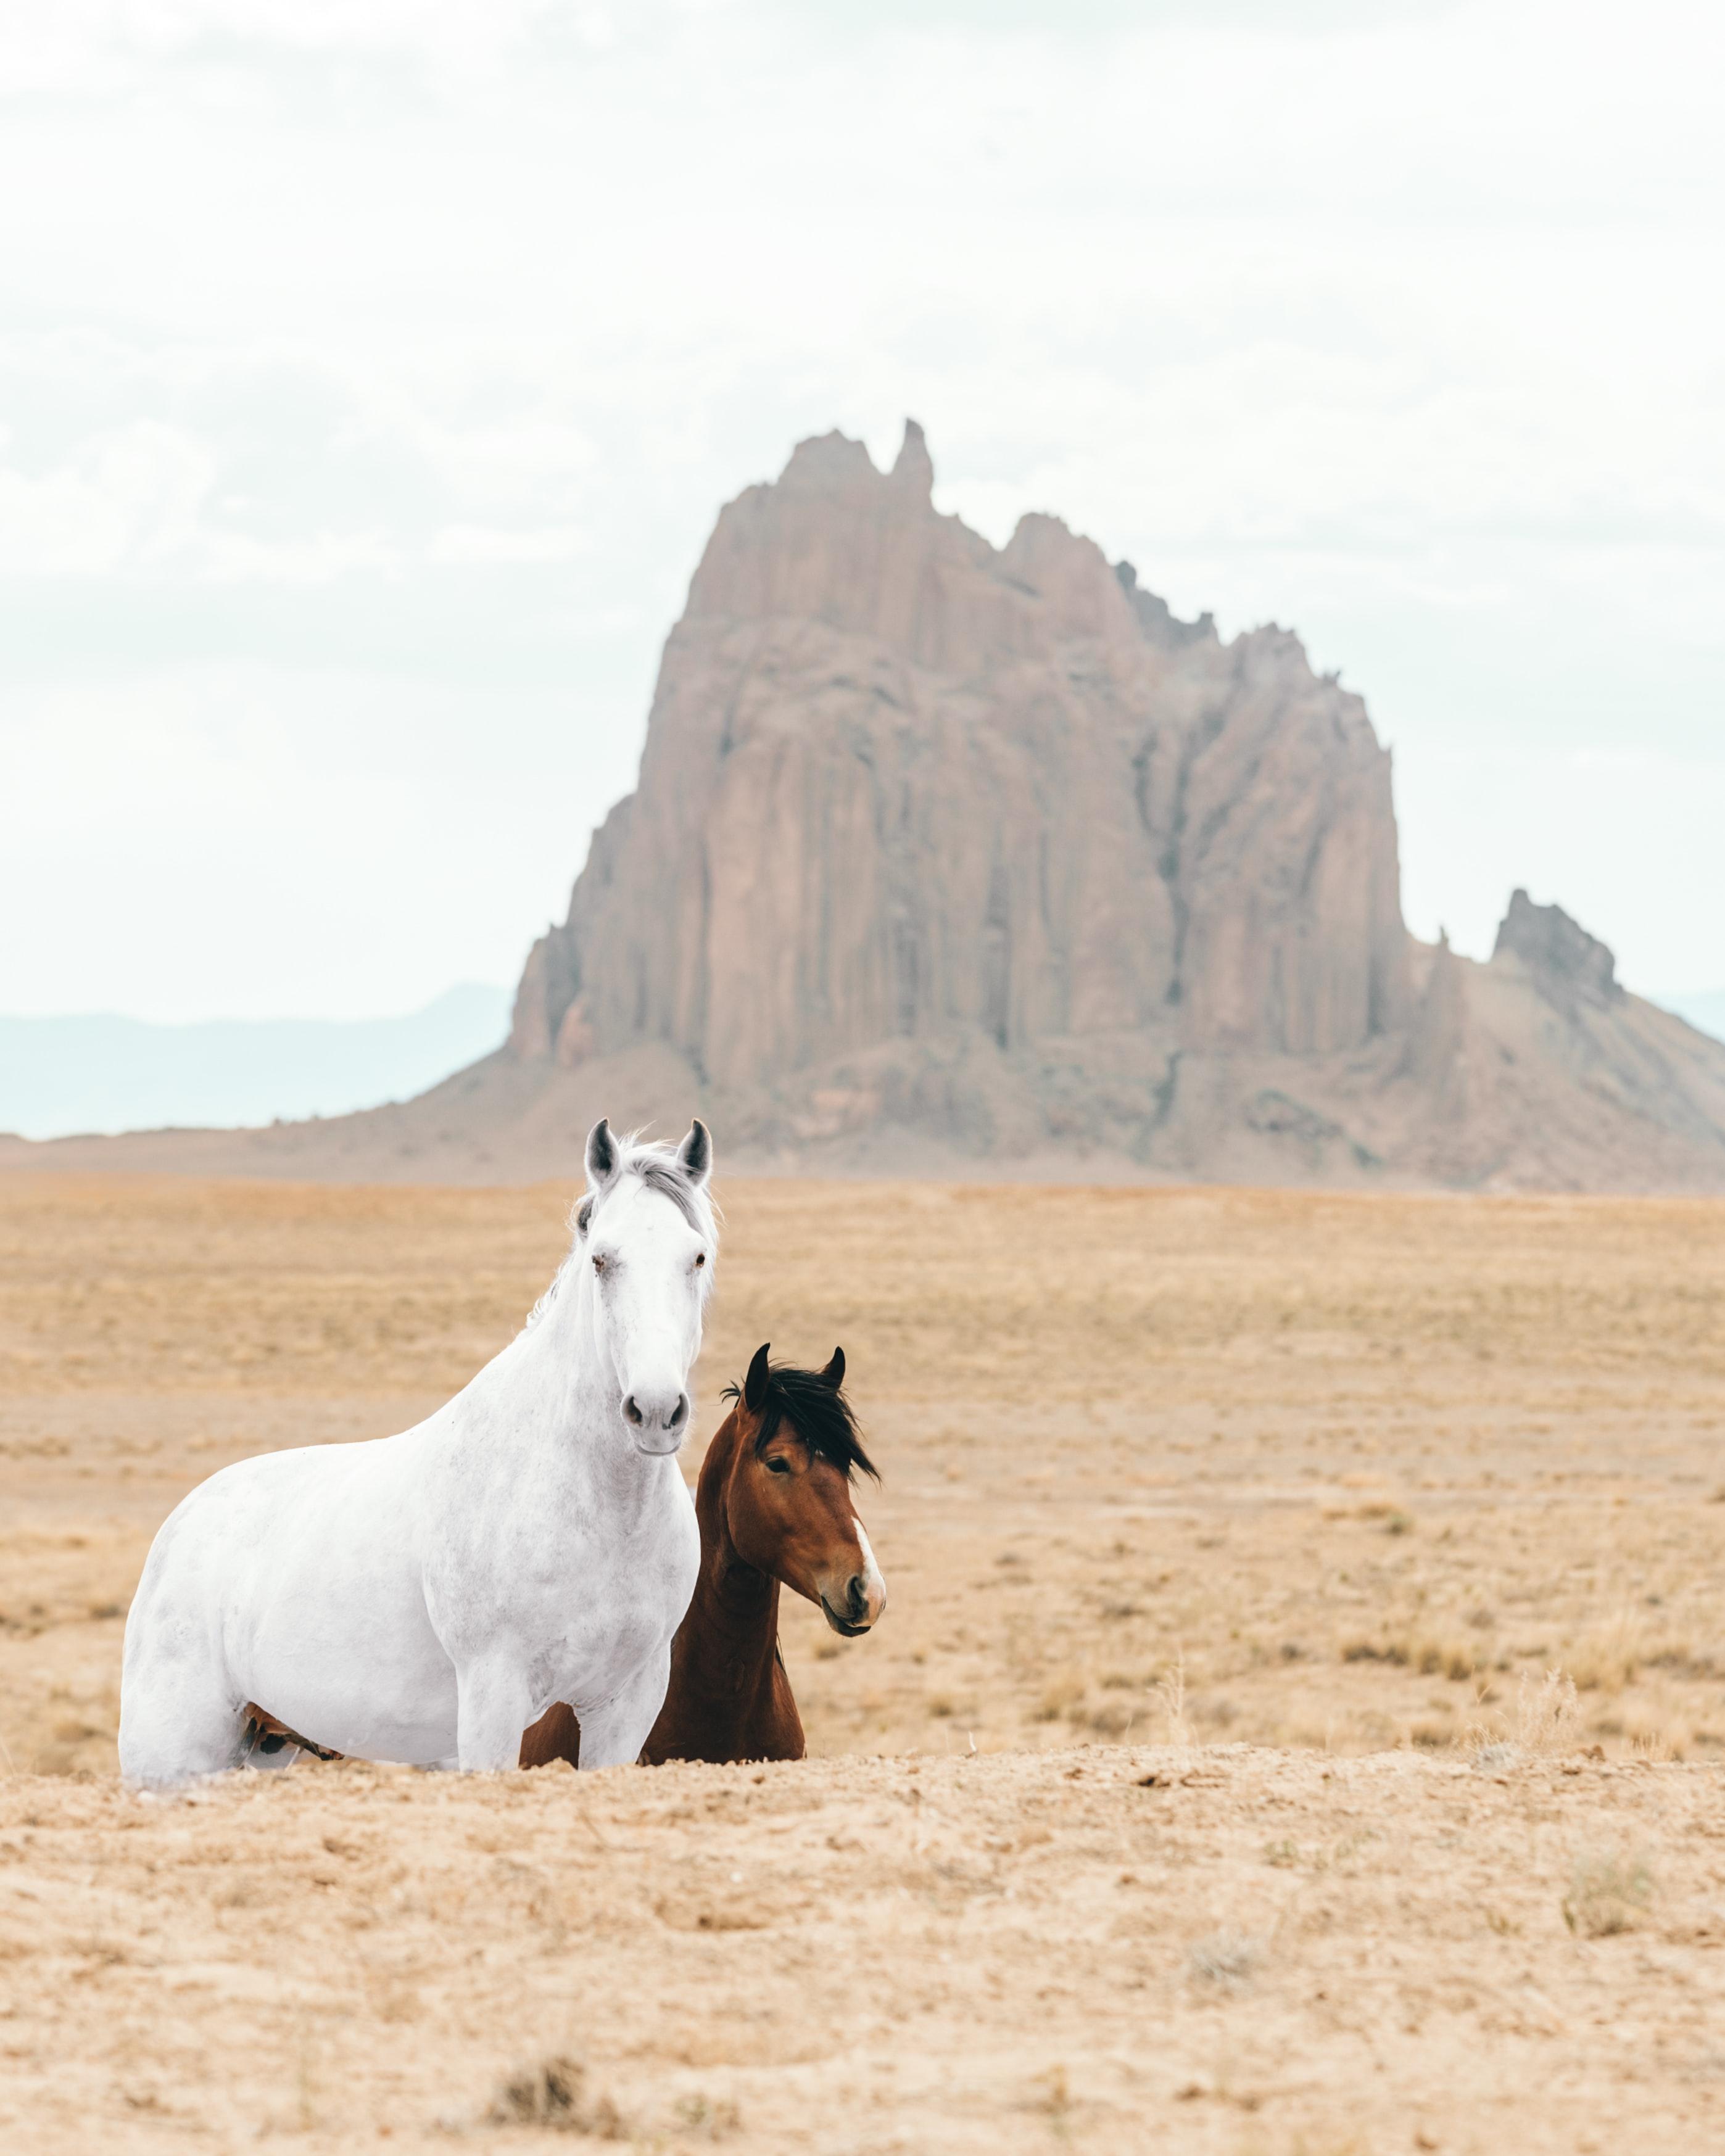 123290 скачать обои Животные, Лошадь, Лошади, Скалы, Песок - заставки и картинки бесплатно